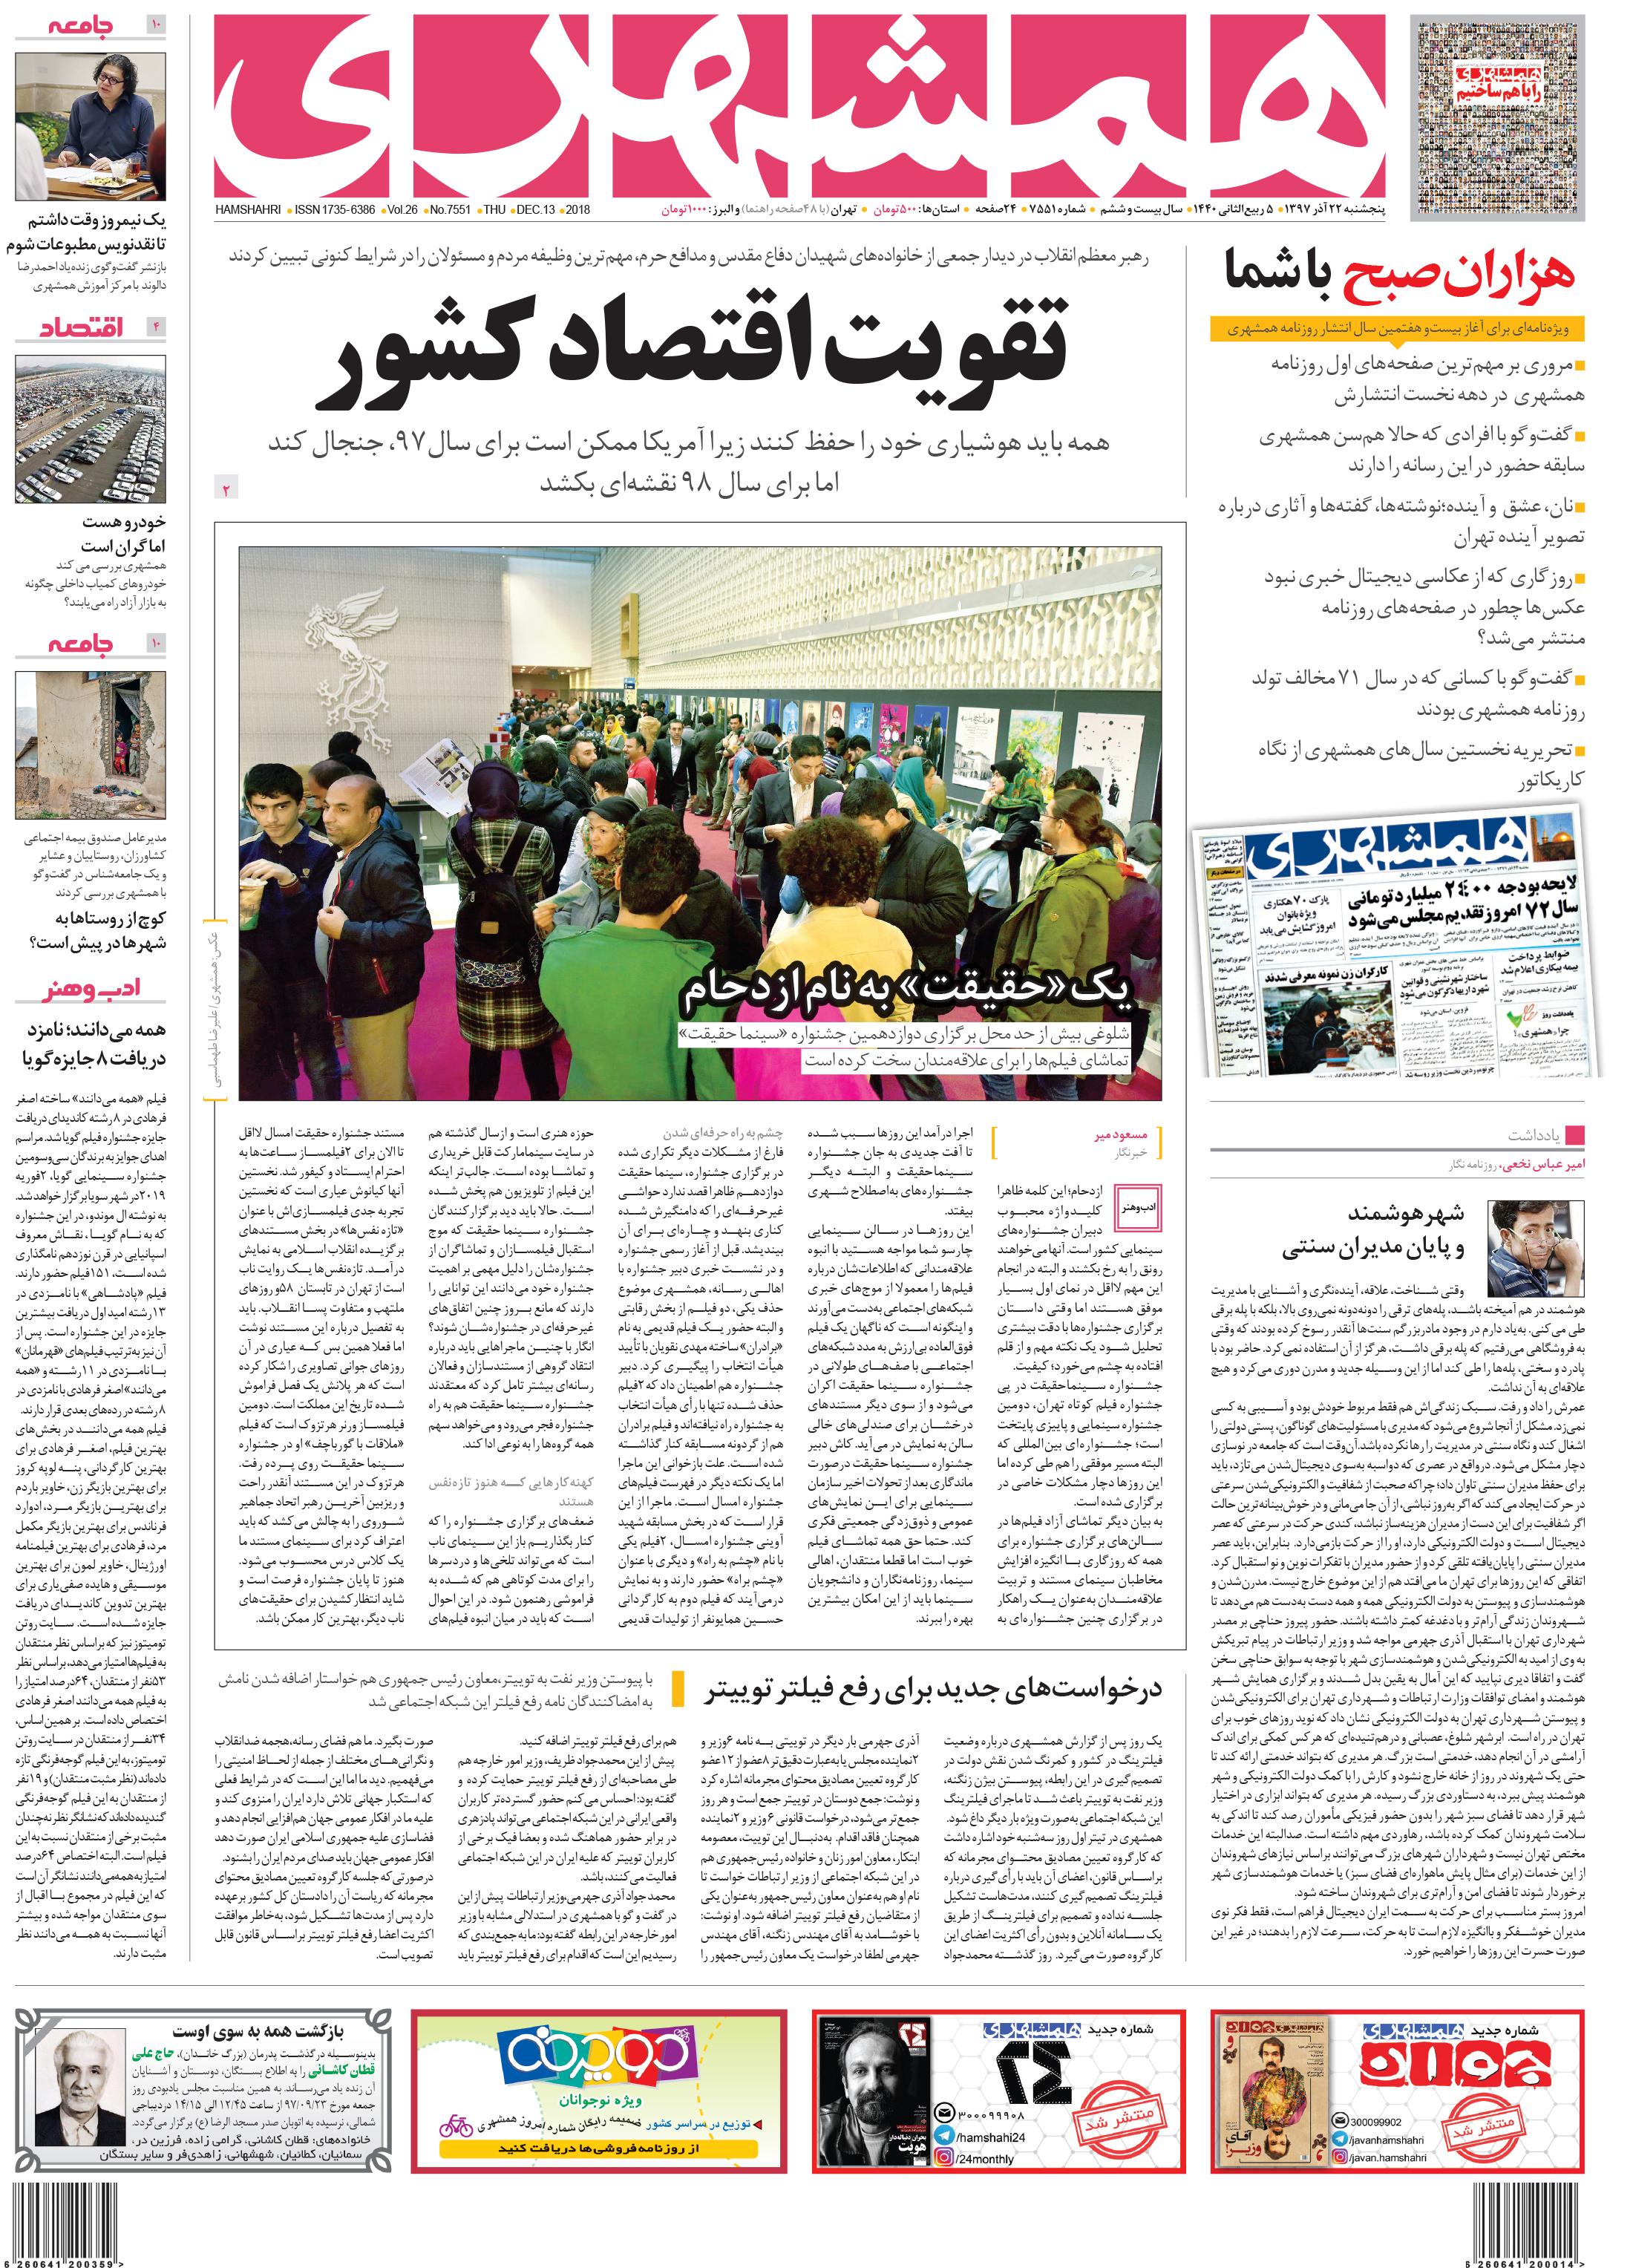 صفحه اول پنجشنبه 22 آذر 1397